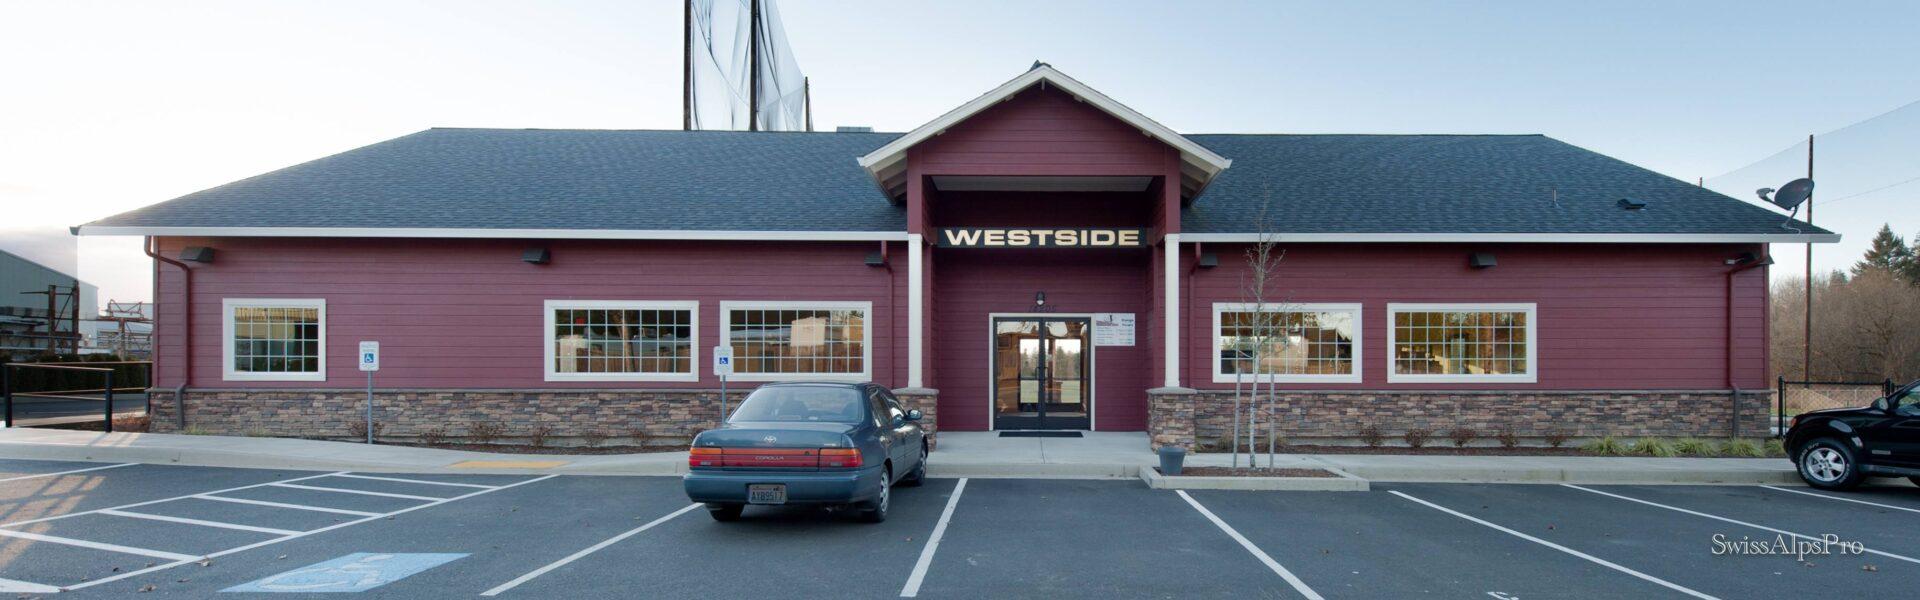 Westside entrance